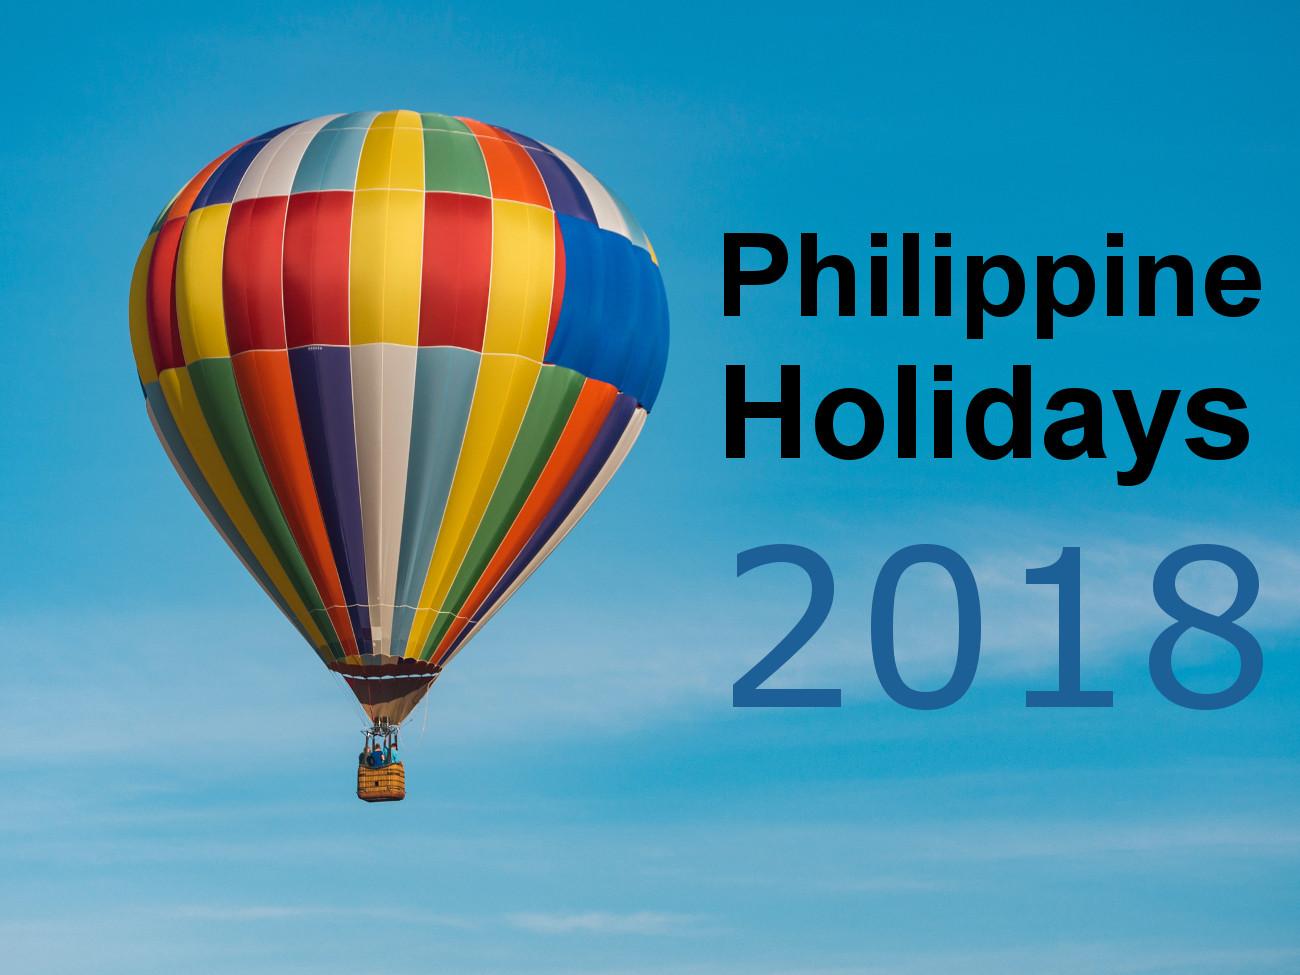 Philippine Holidays 2018 - Onlinejobsplus